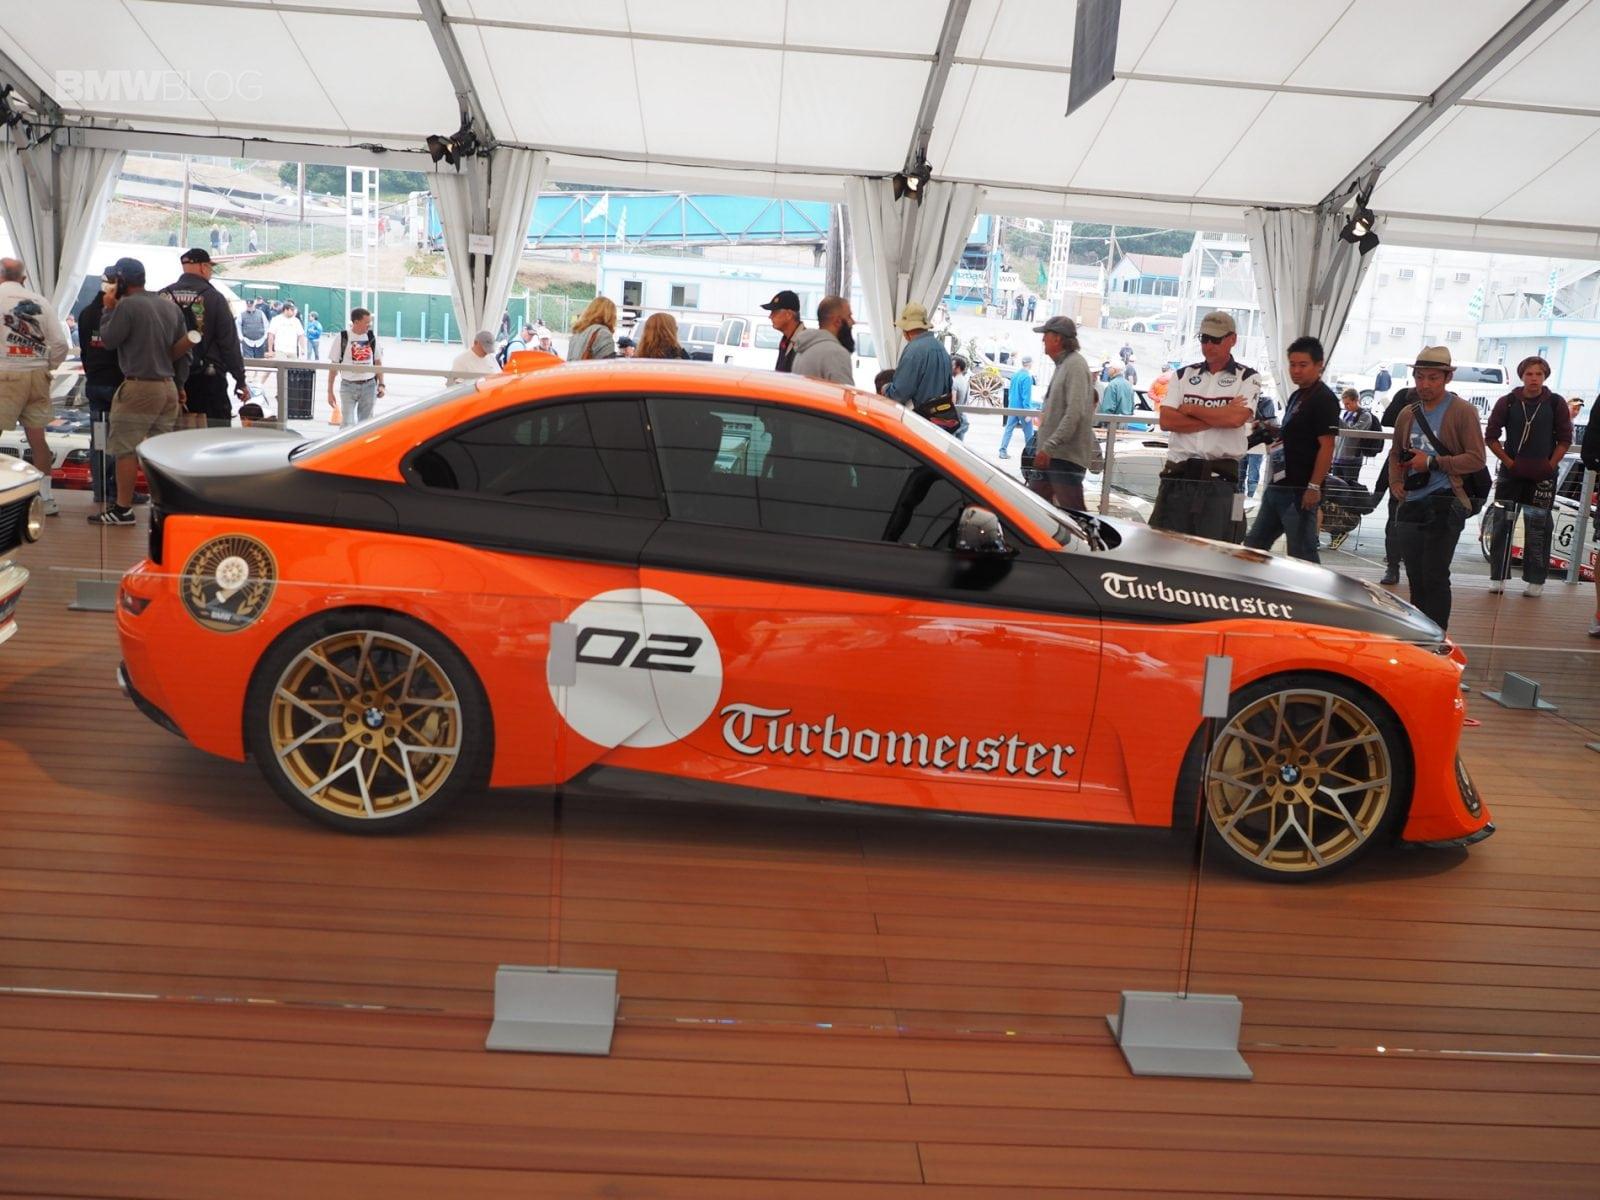 Фото BMW 2002 Hommage Turbomeister Concept в павильоне BMW на трассе Laguna Seca